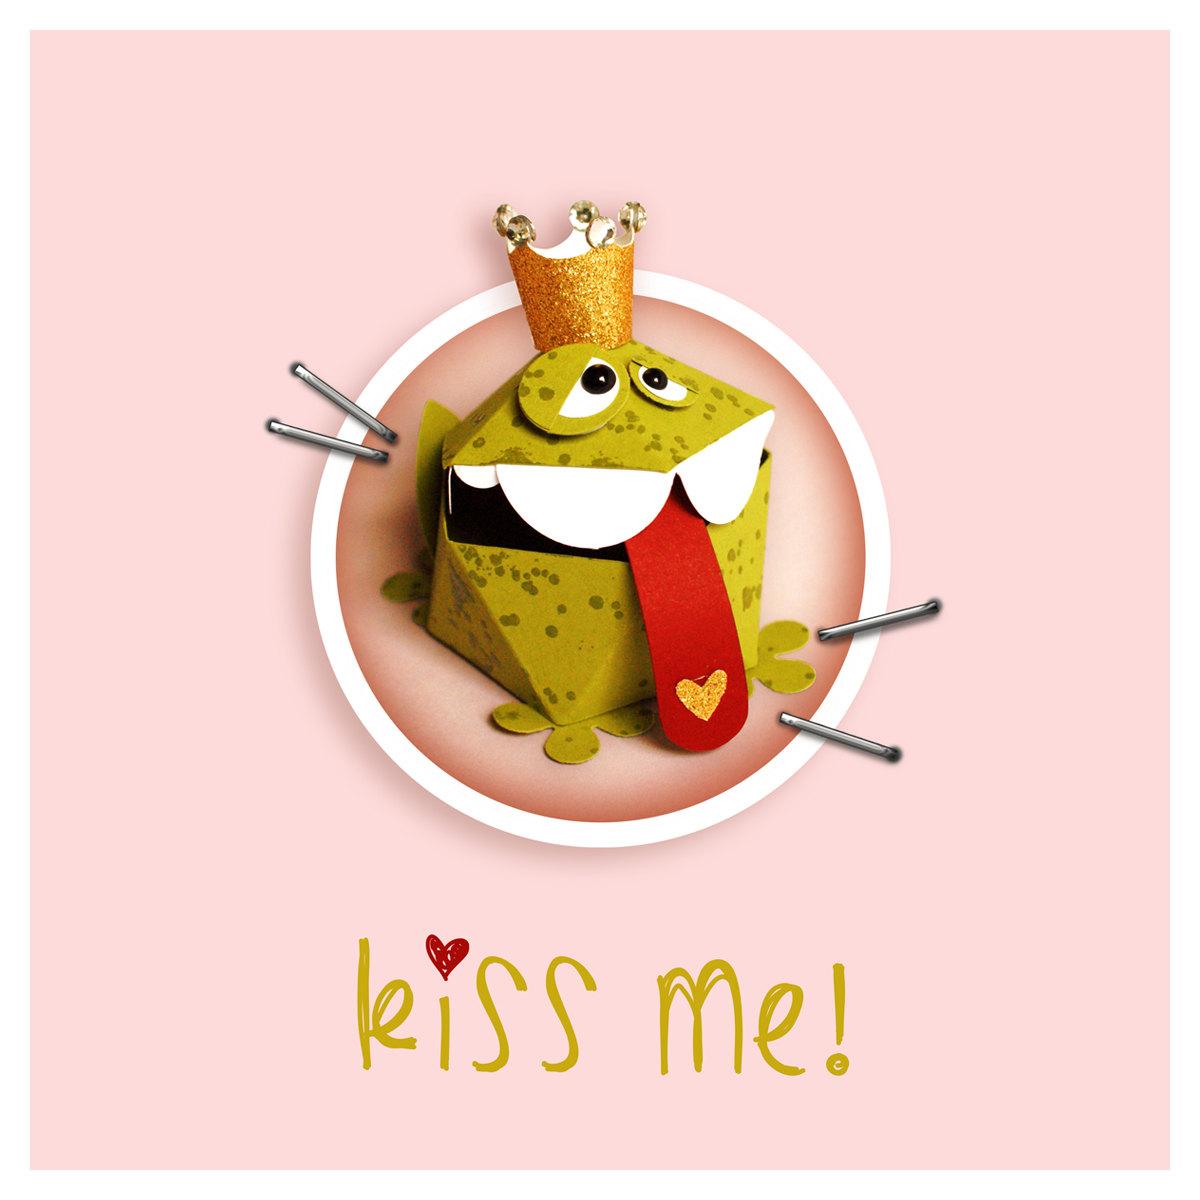 plotterdatei gift box frog king: v1 by goebie on Etsy.